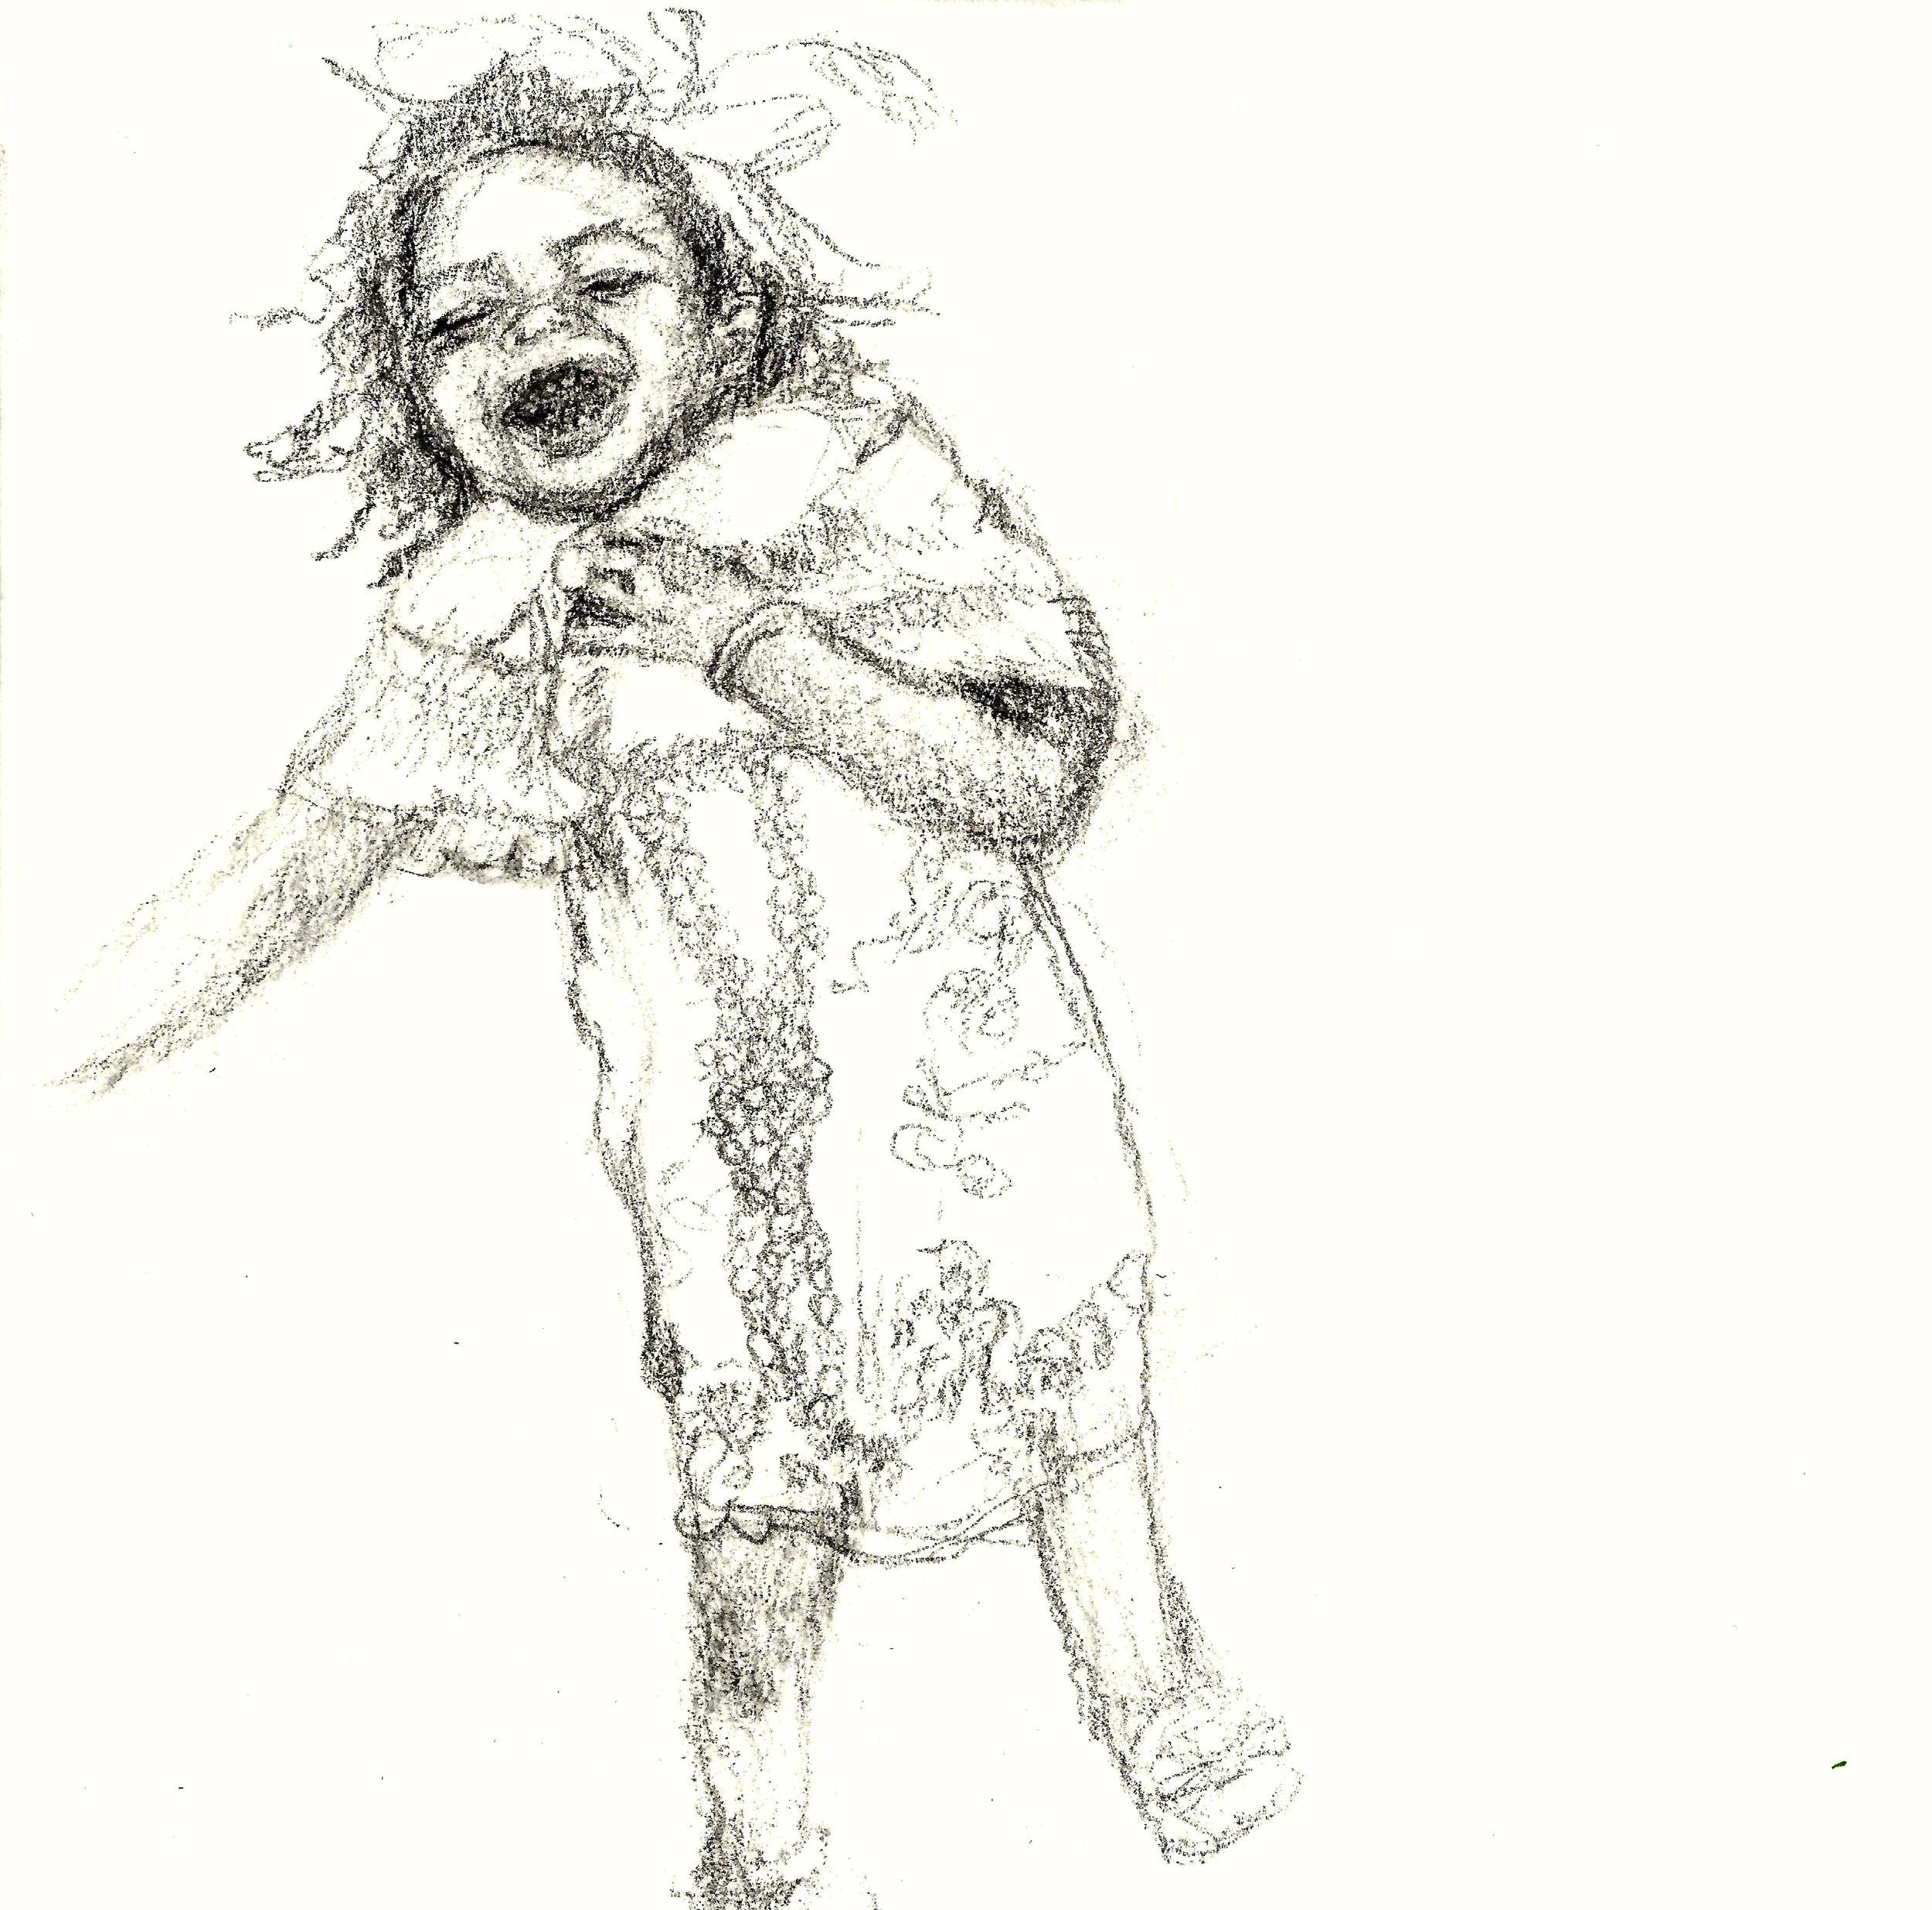 Last Laugh   Graphite sketch on 140 lb cold press